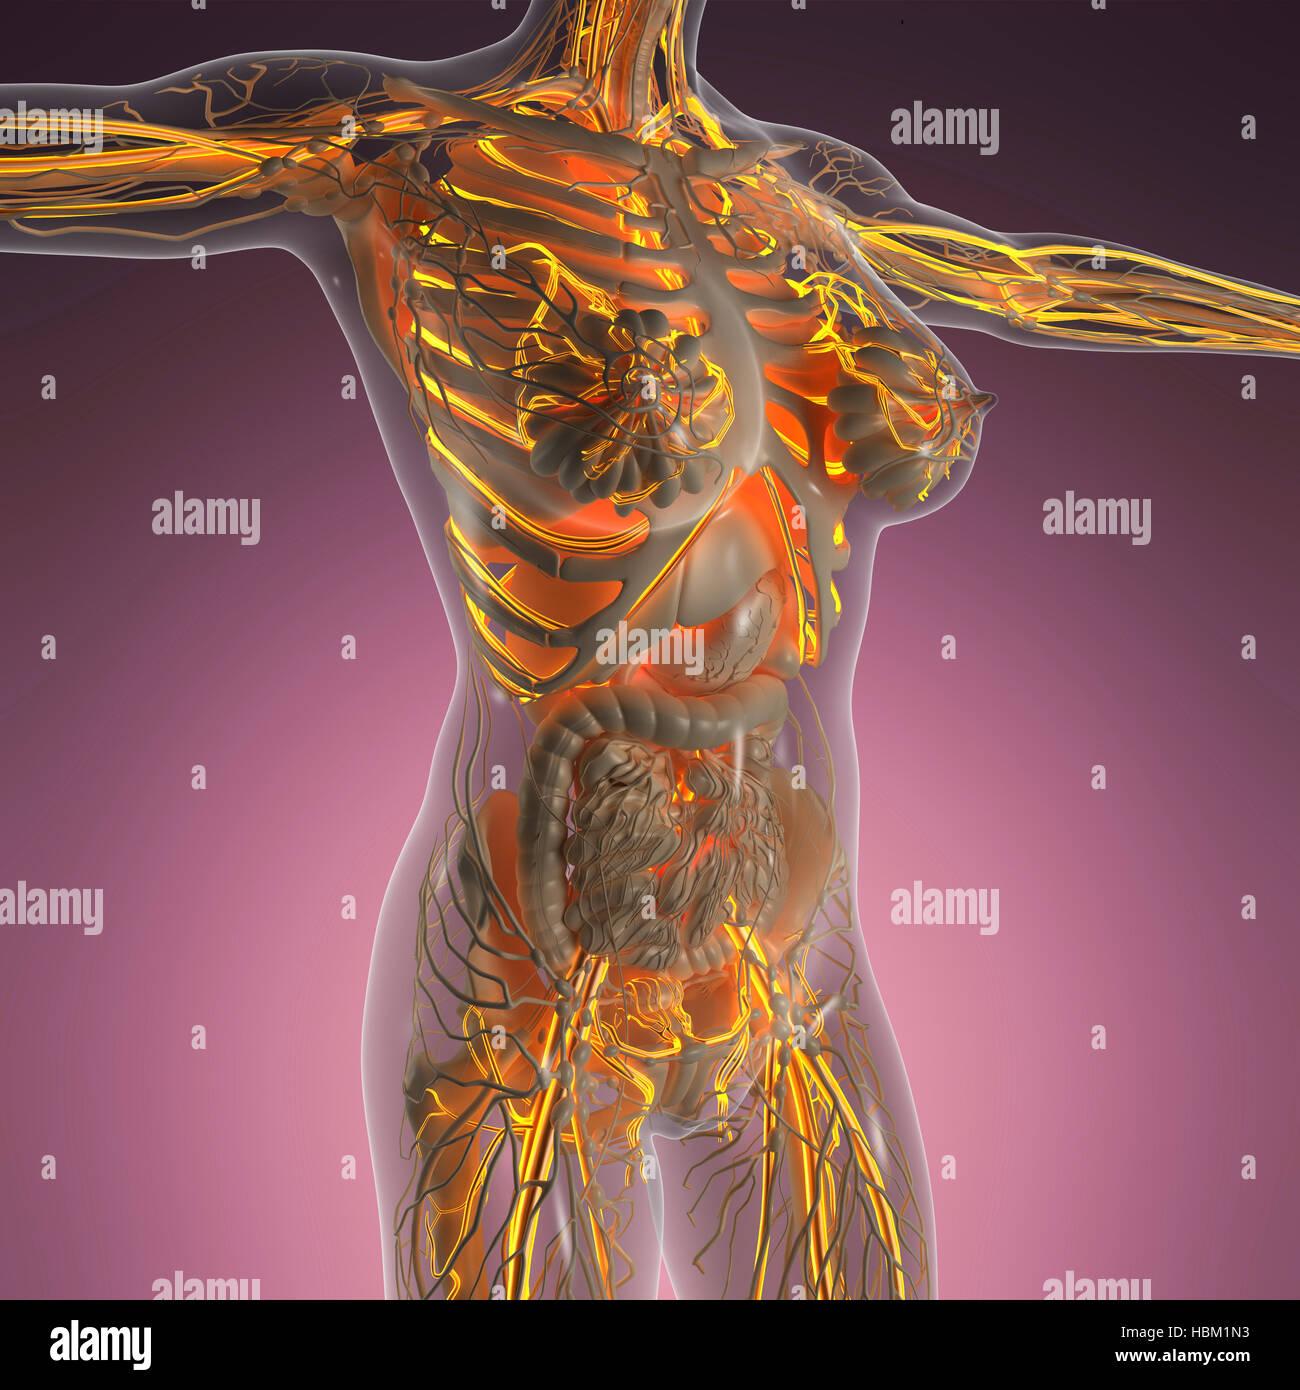 Pulmonary Circulation Stockfotos & Pulmonary Circulation Bilder ...